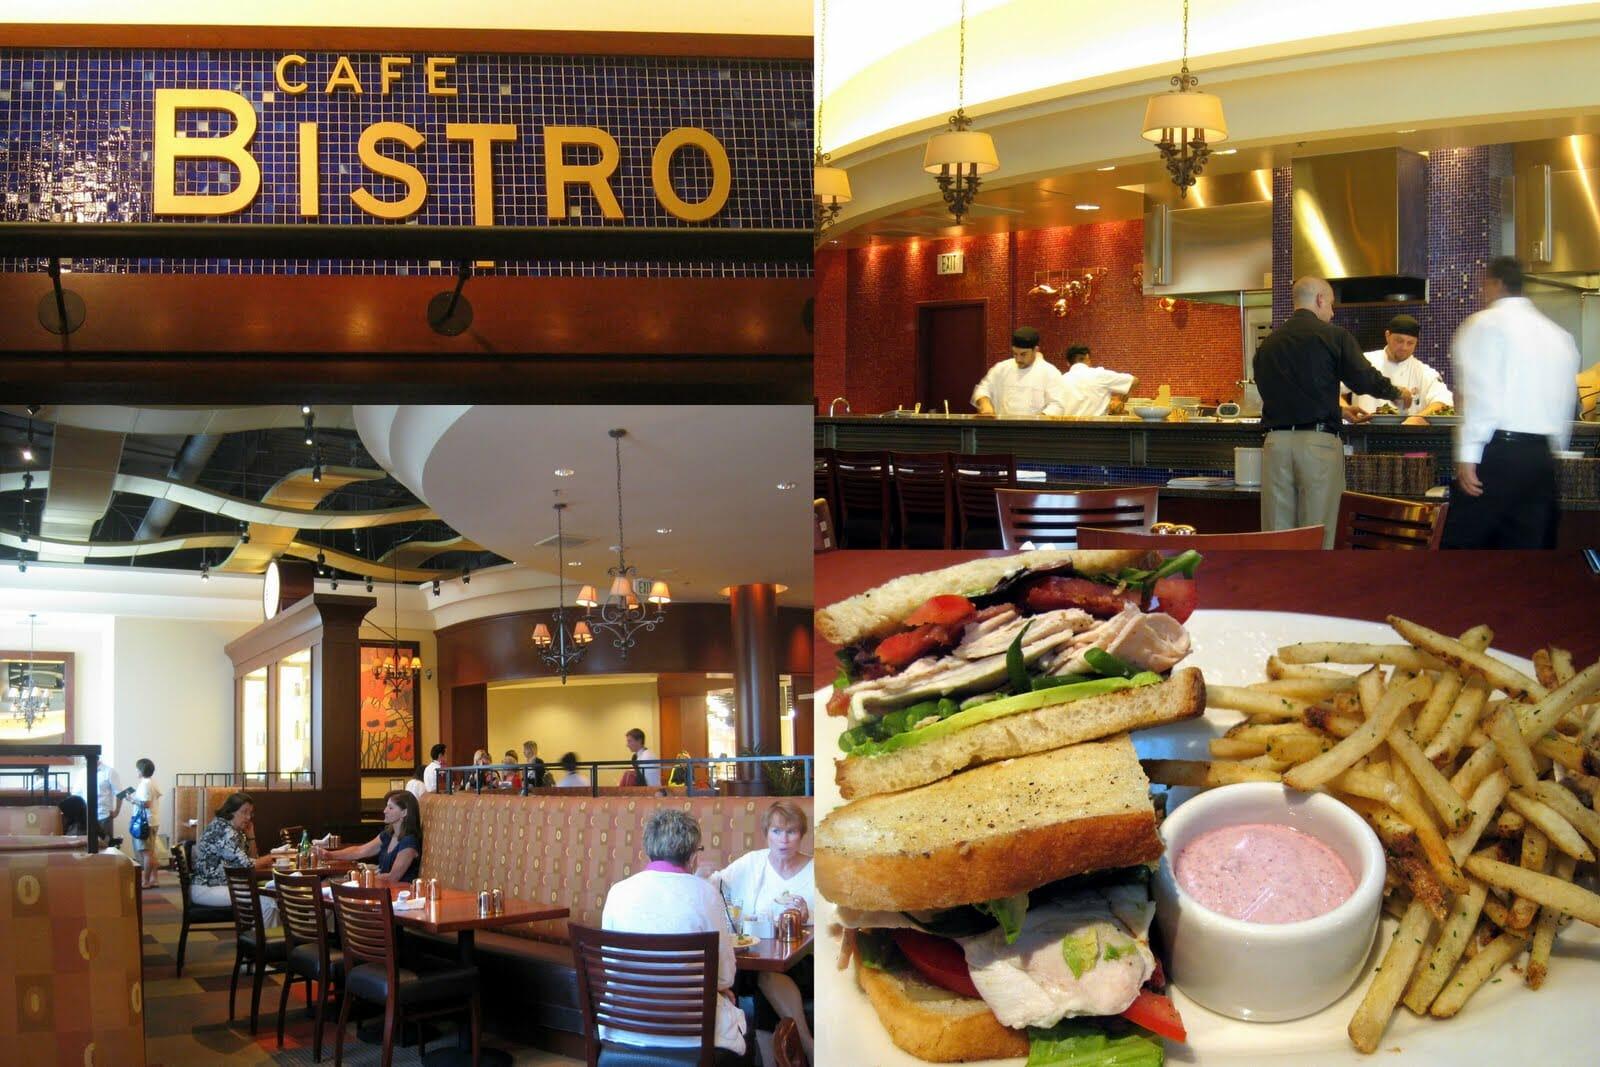 Cafe Menu Nordstrom